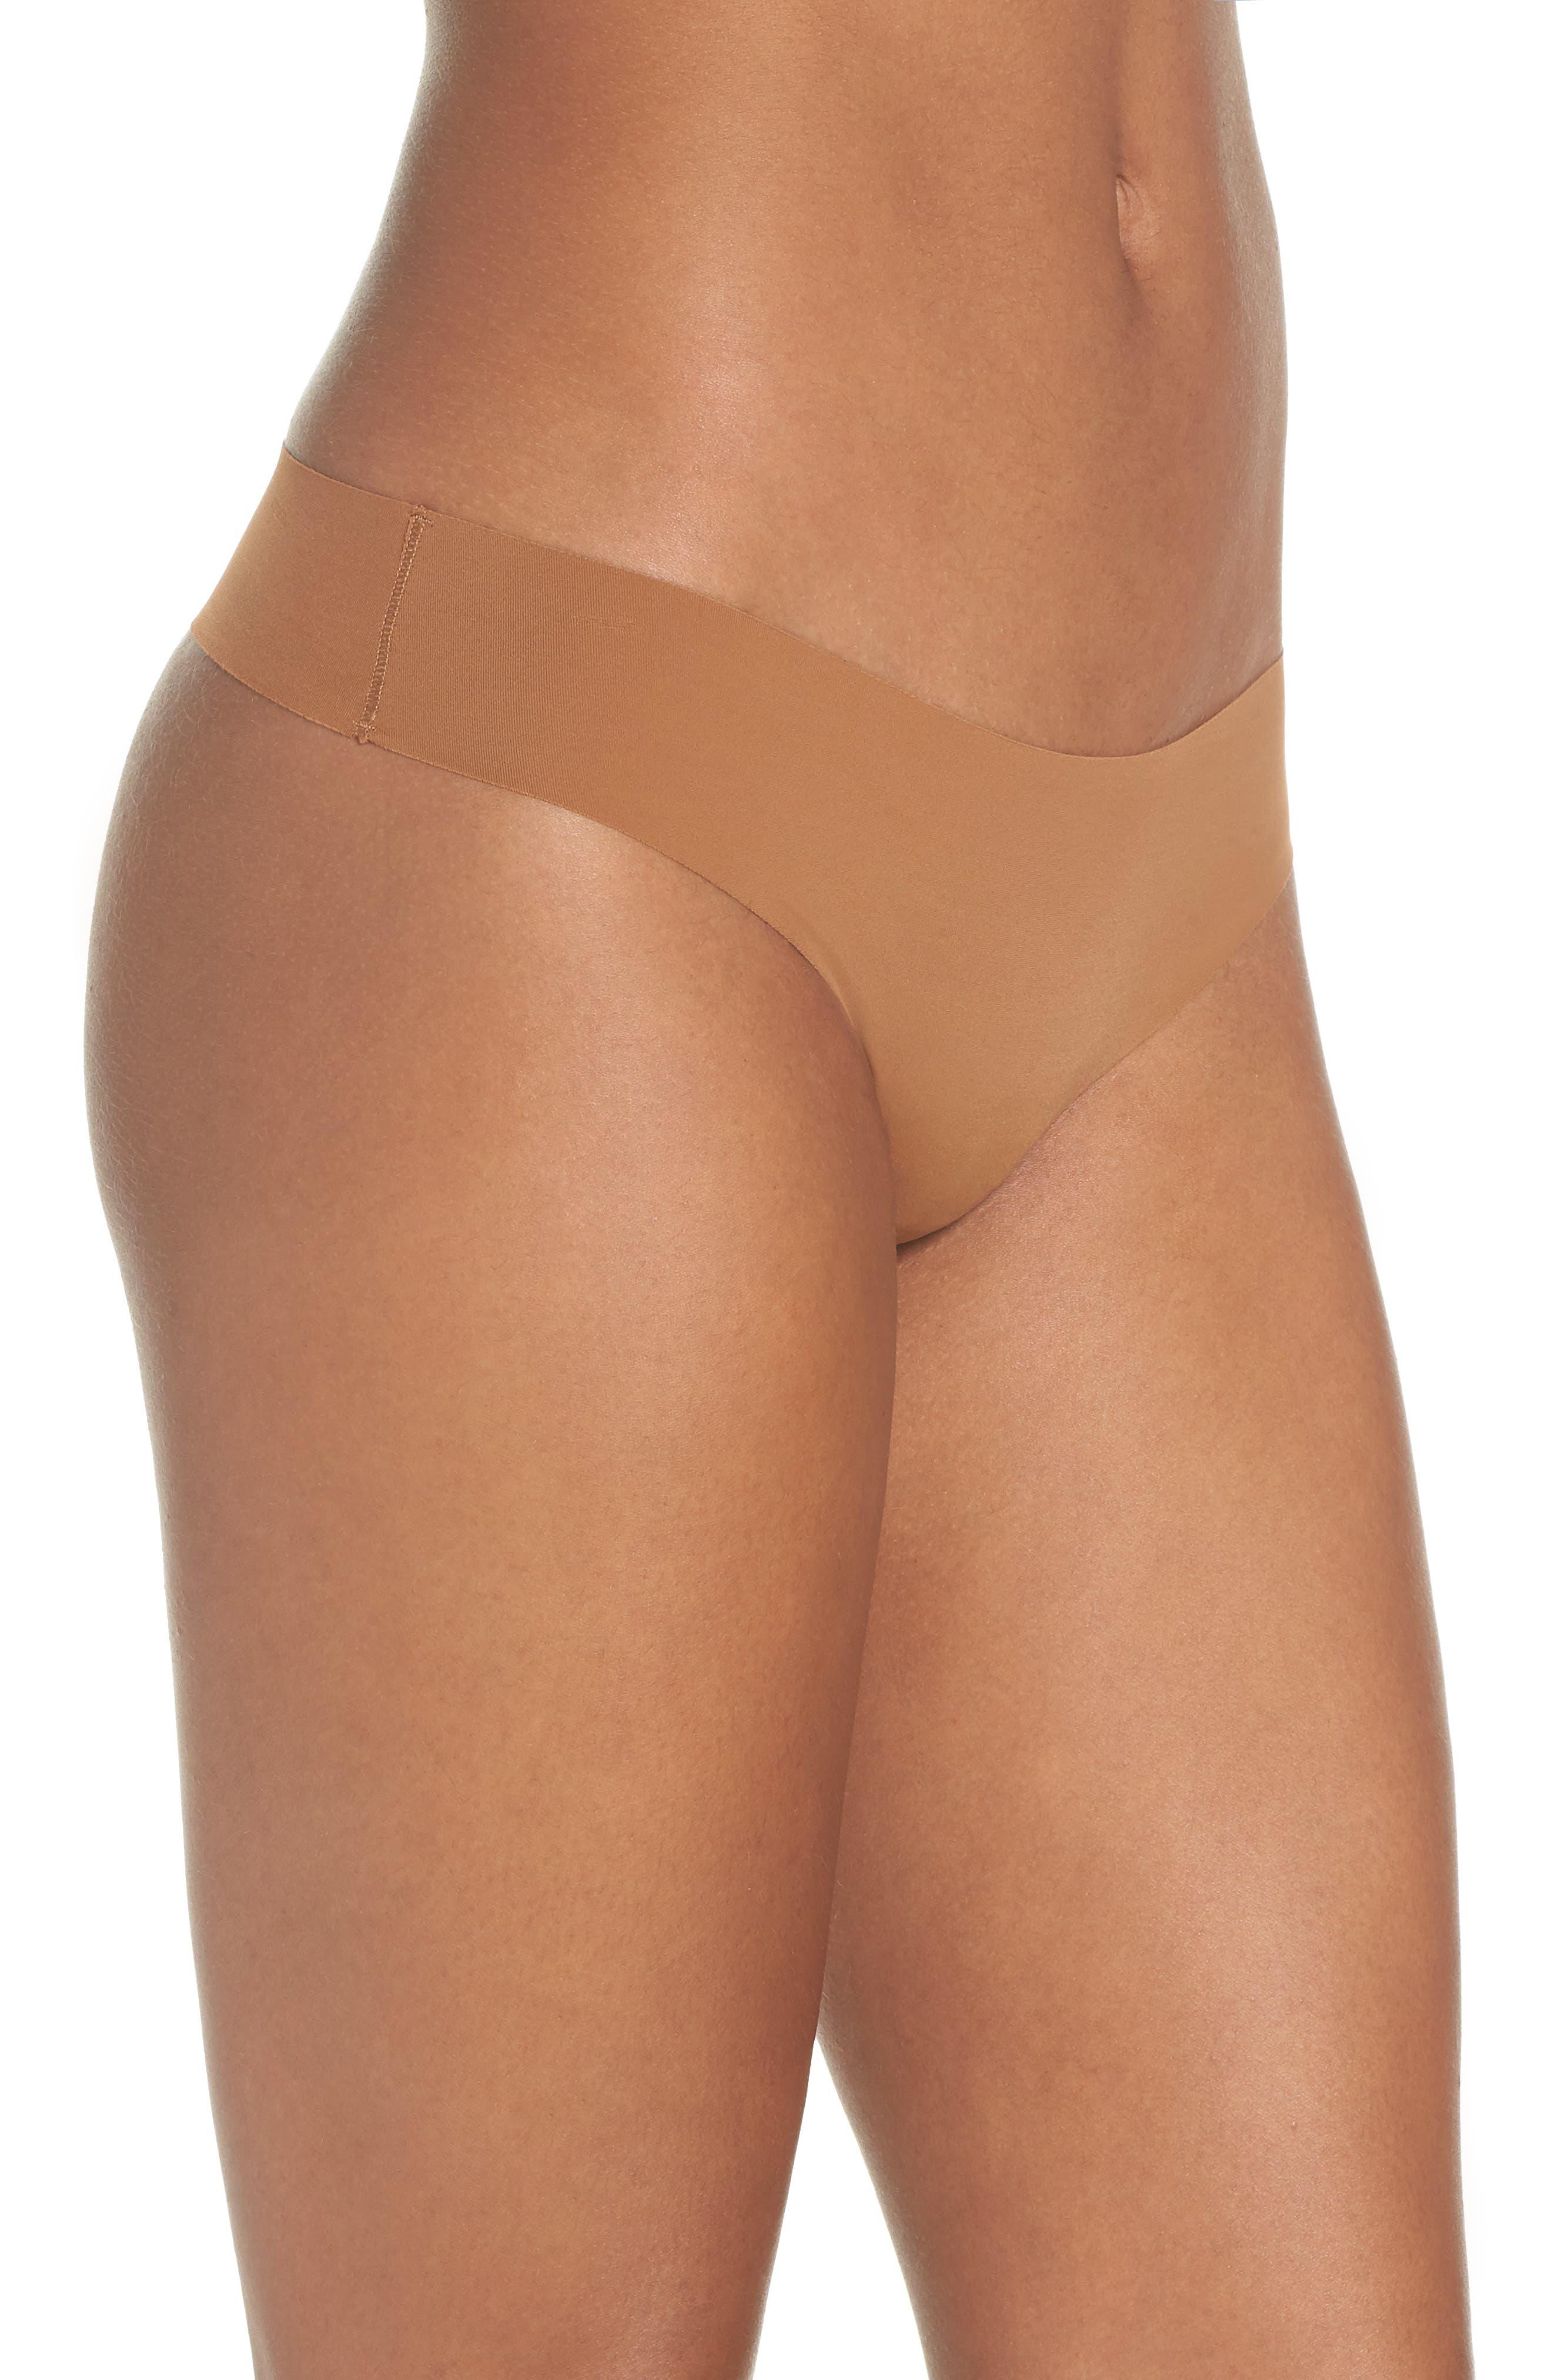 Alternate Image 3  - Nubian Skin Naked Perfect Thong